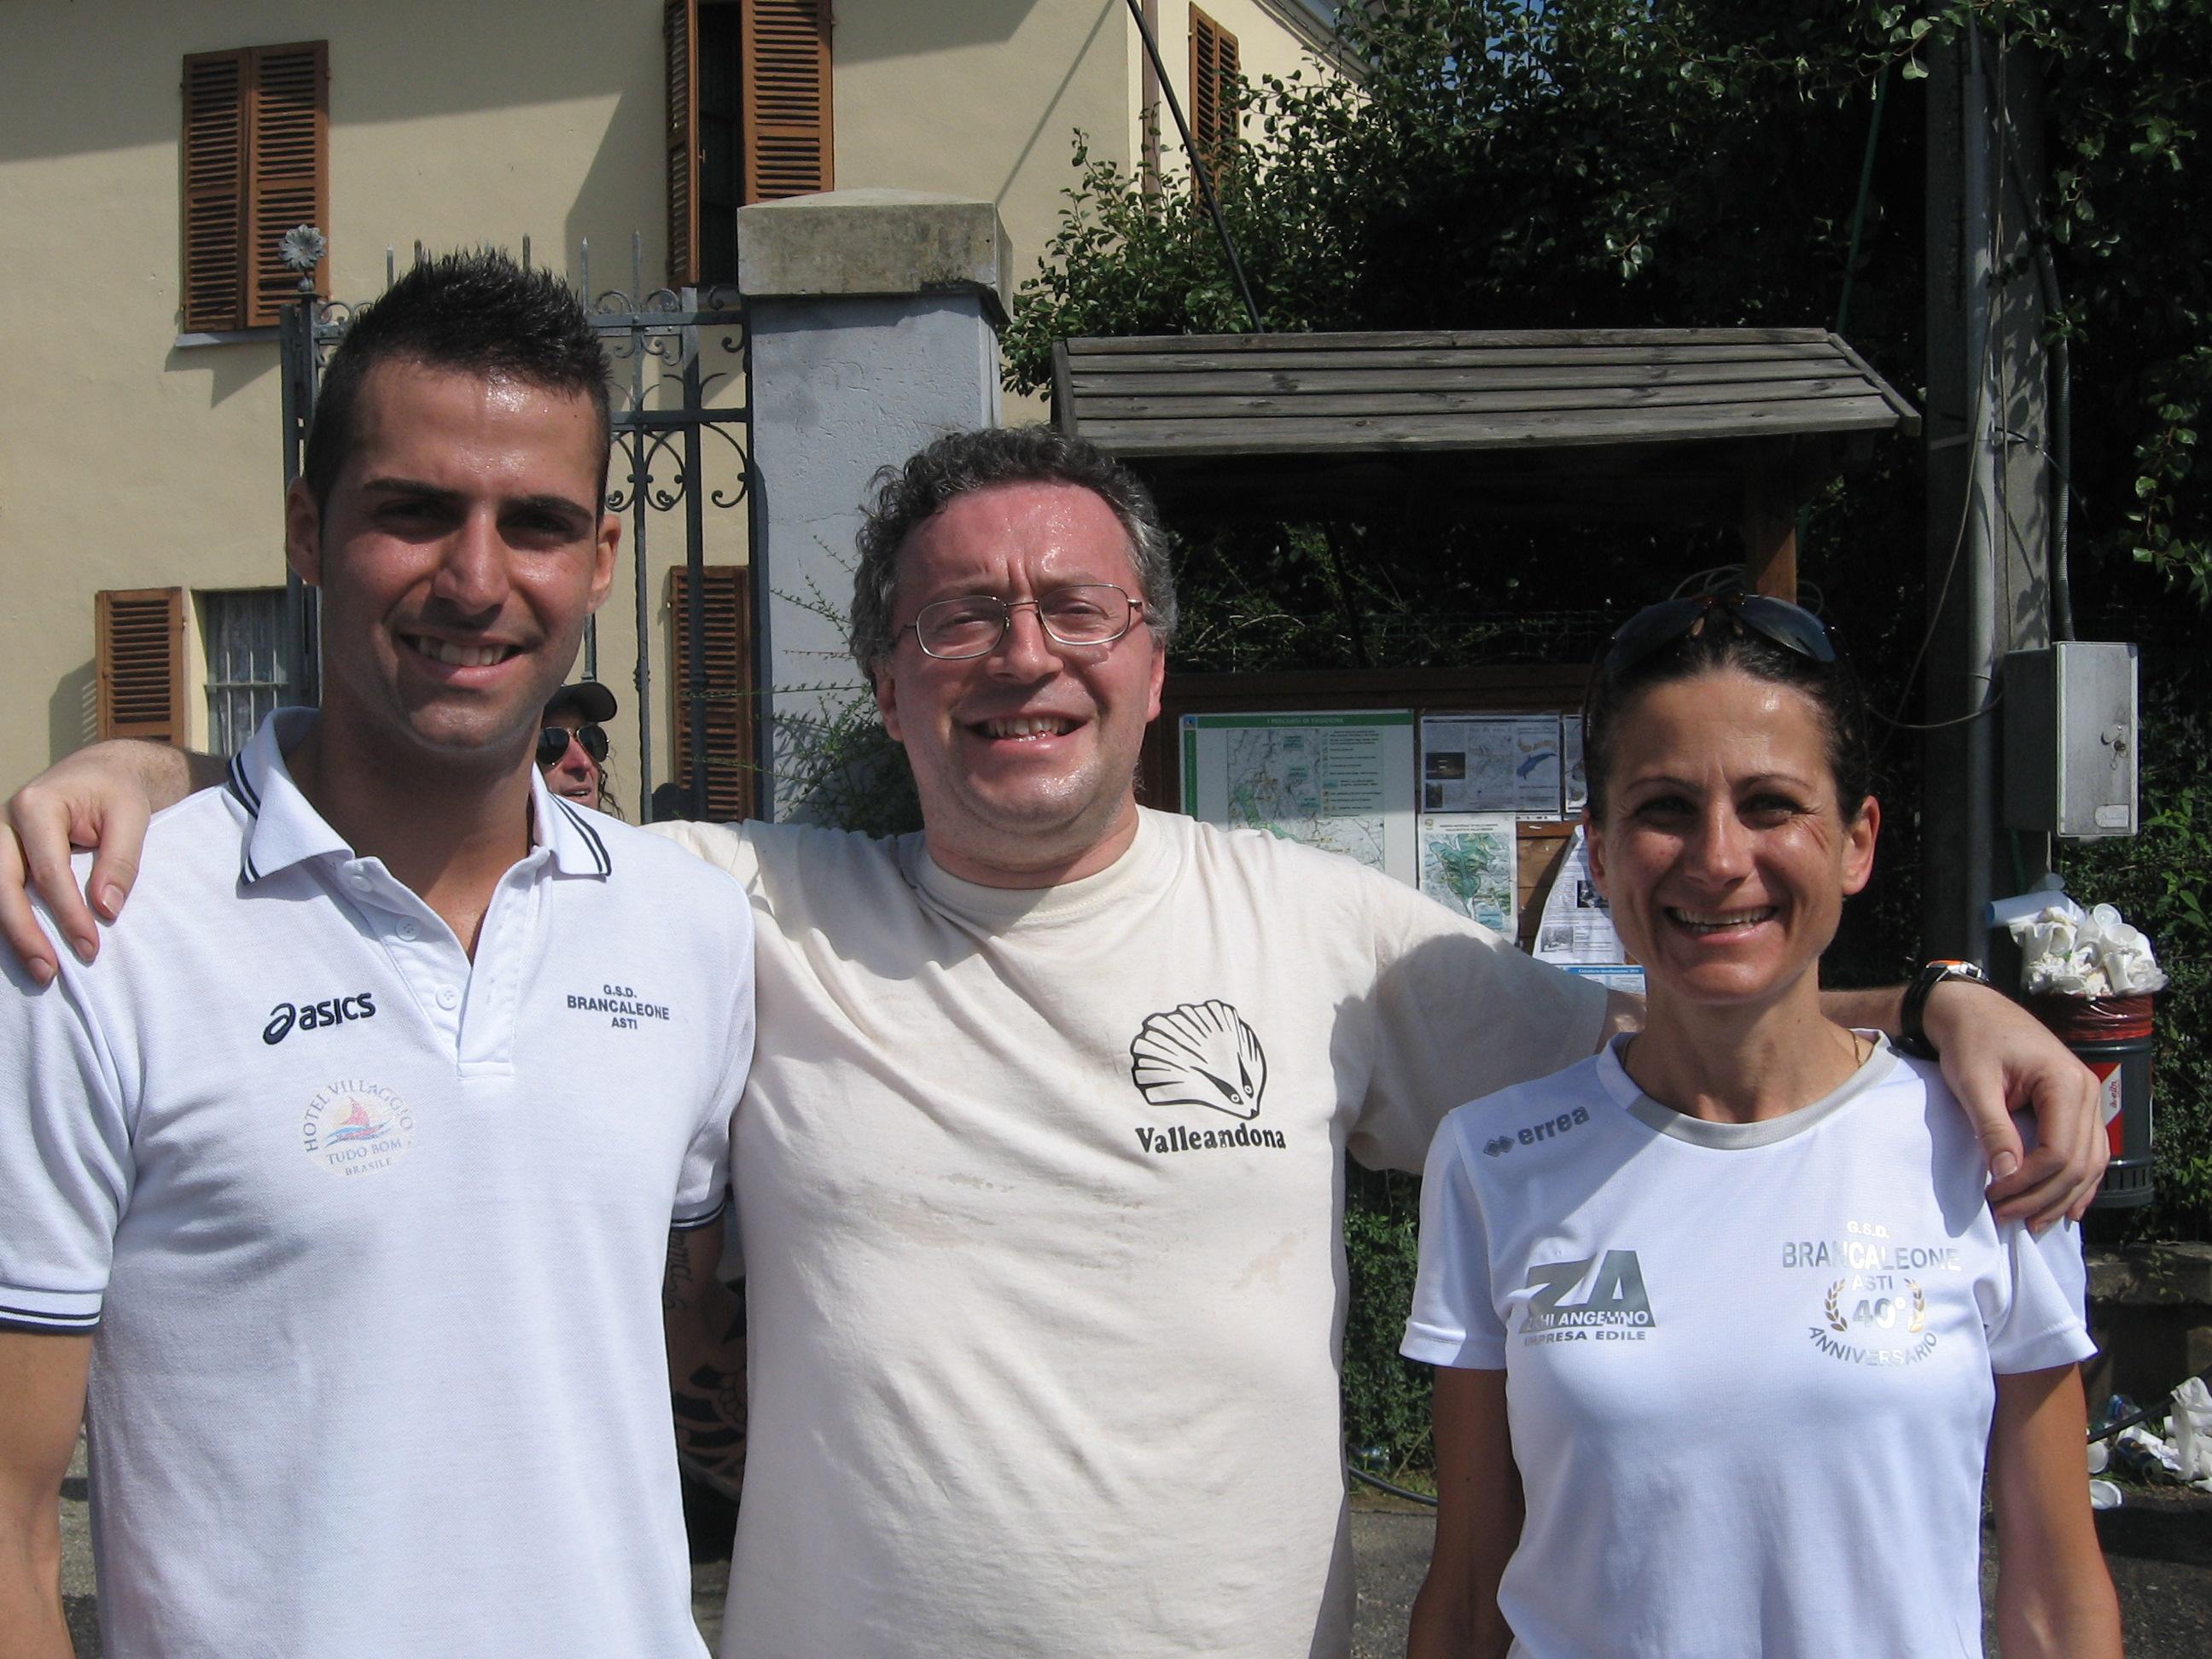 Antonio Pantaleone e Cinzia Passuello (entrambi Brancaleone) hanno vinto la 16a  della Riserva Naturale di Valleandona